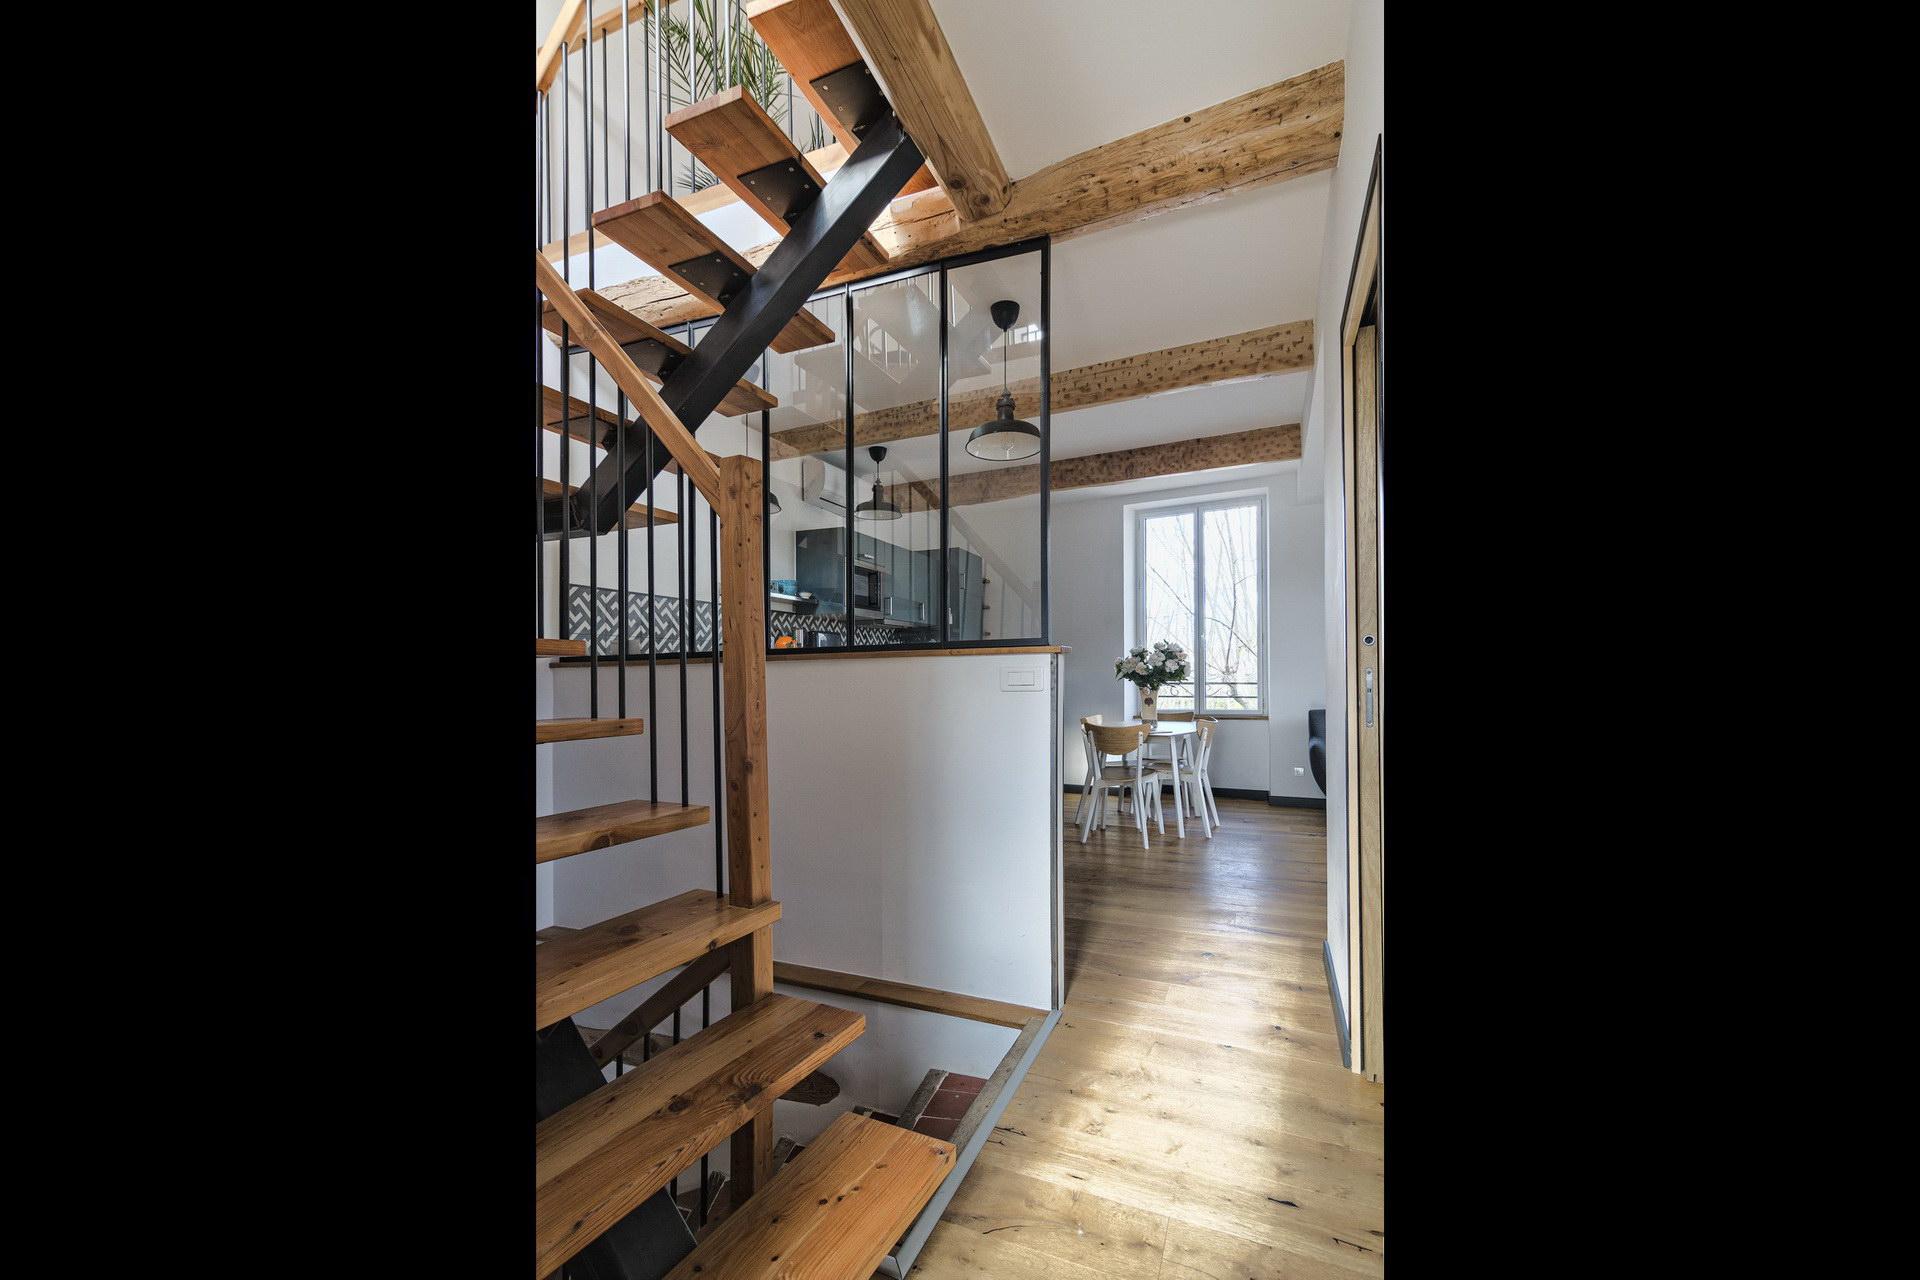 Appartement 4 personnes en location à forcalquier cuisine en duplex avec beaucoup de cachet